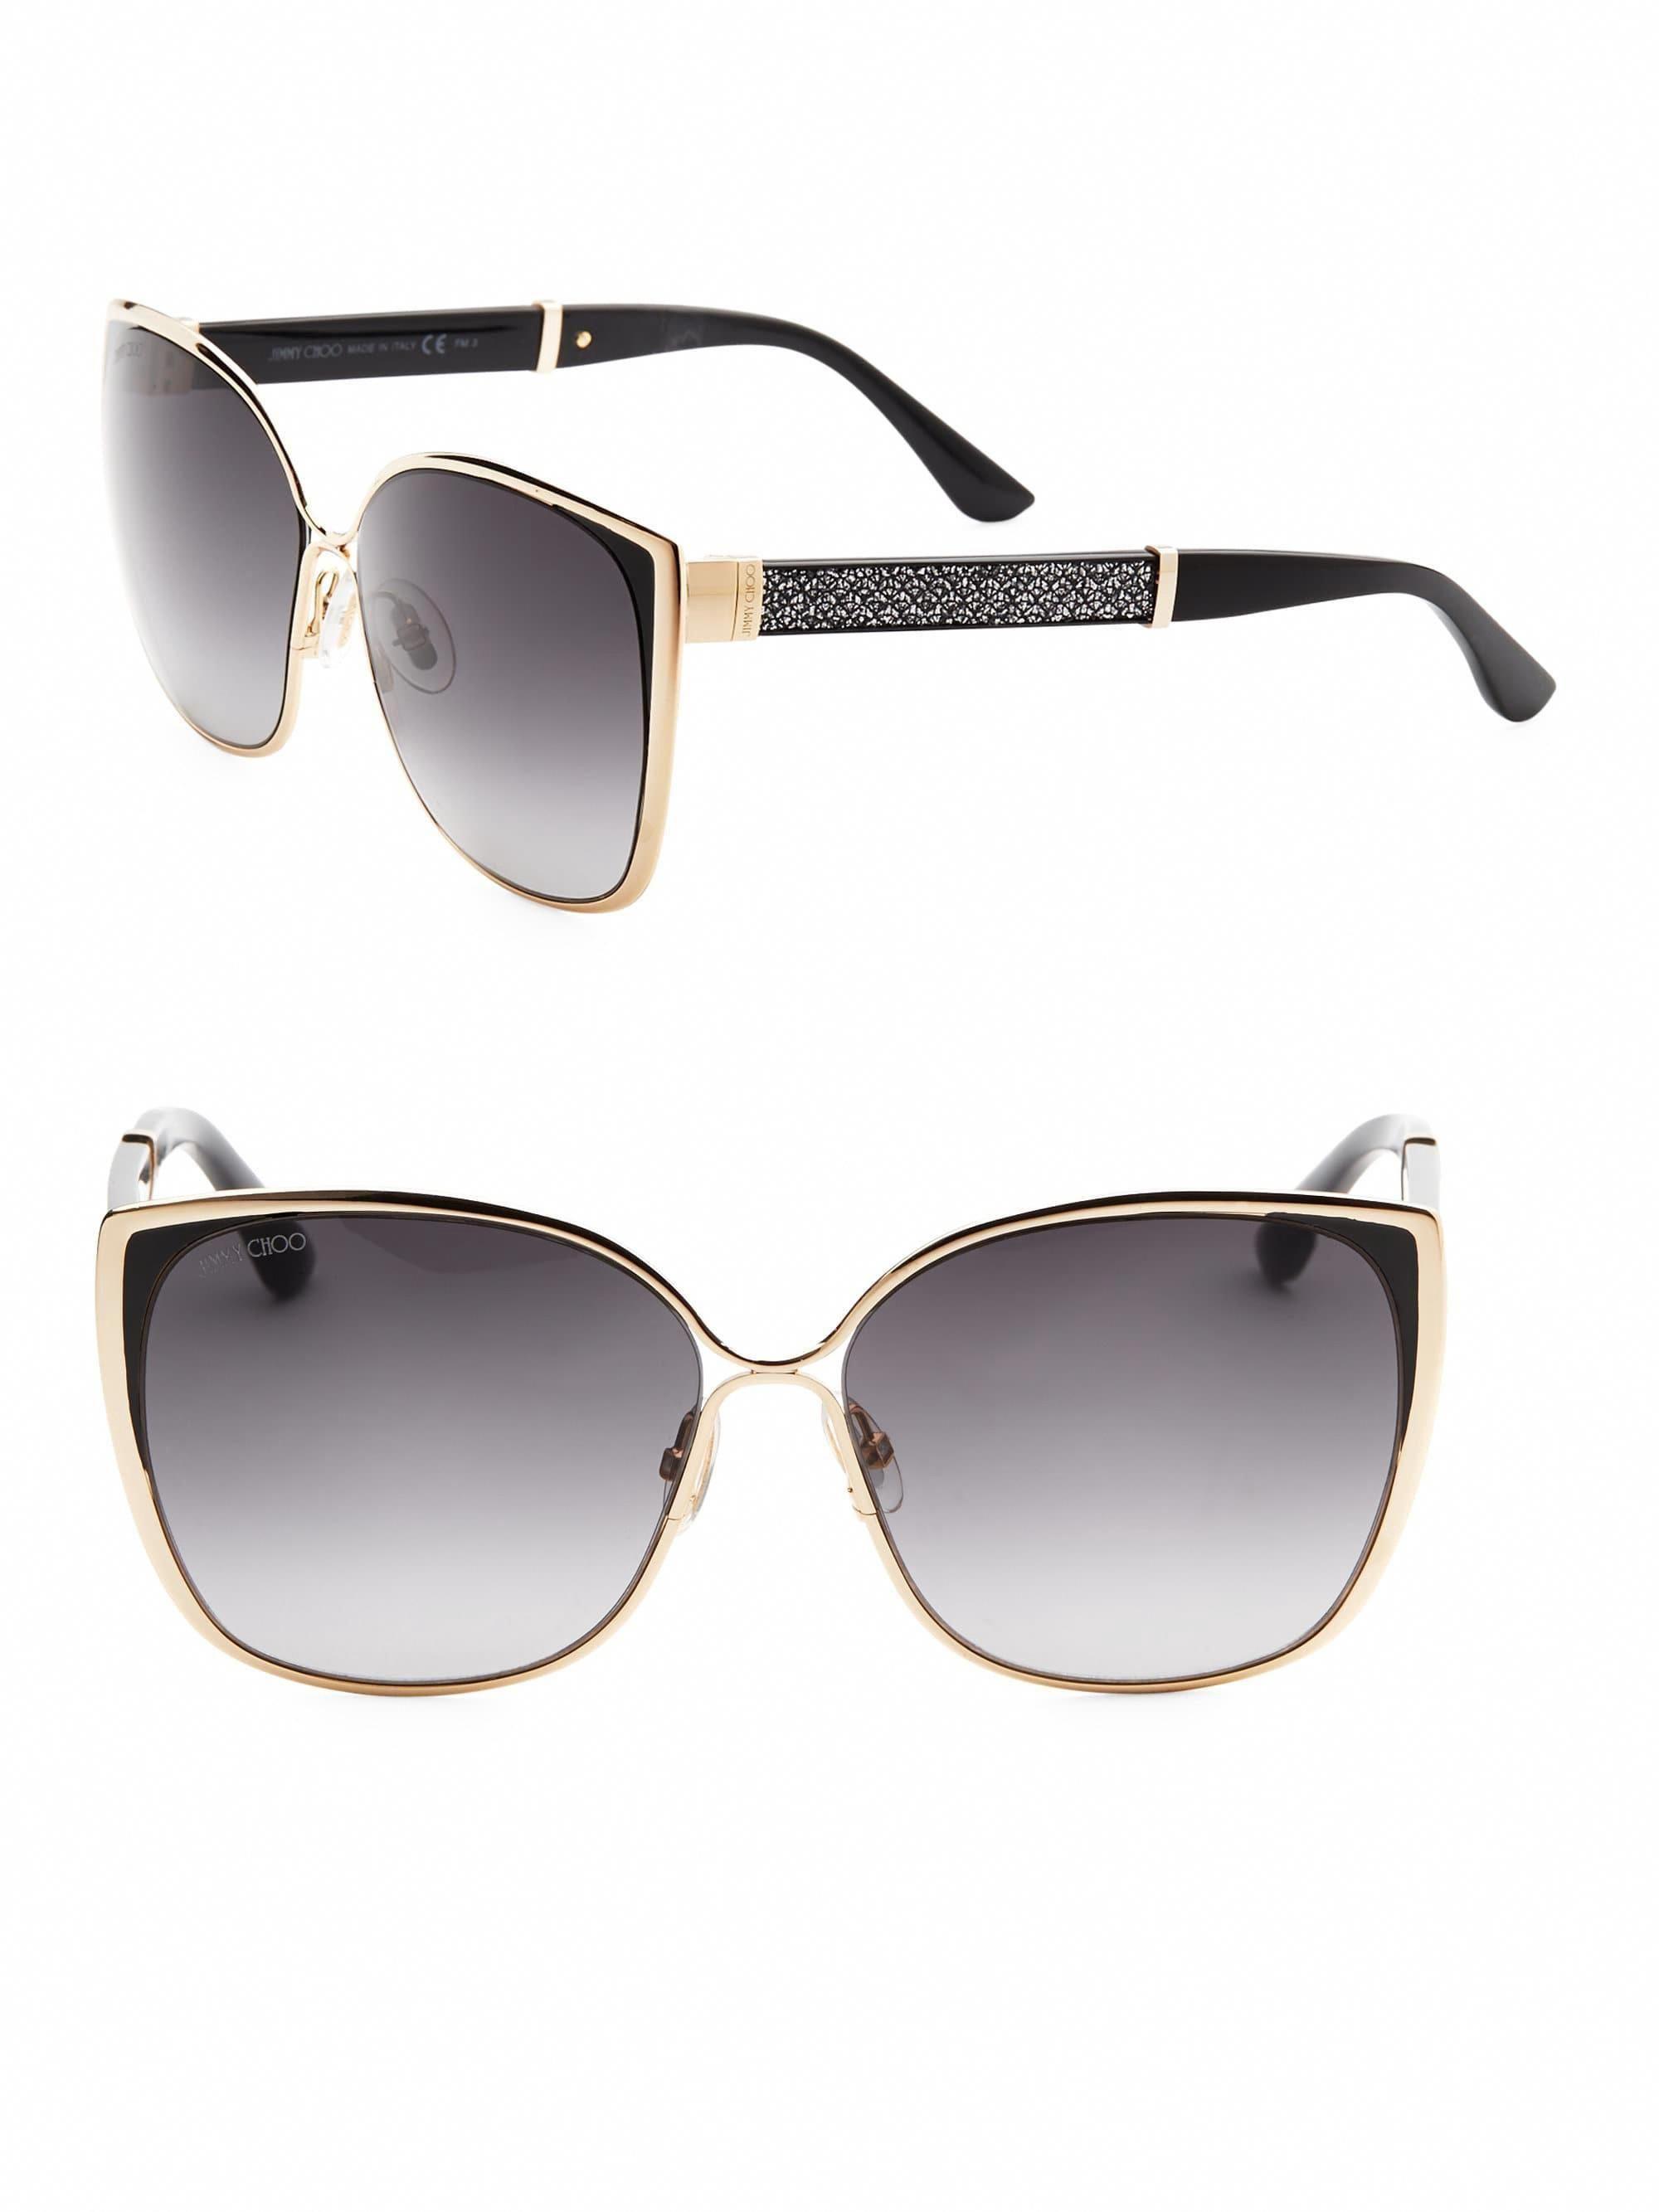 c1fd86edba4a9 Jimmy Choo Maty 58Mm Square Sunglasses - Grey  JimmyChoo